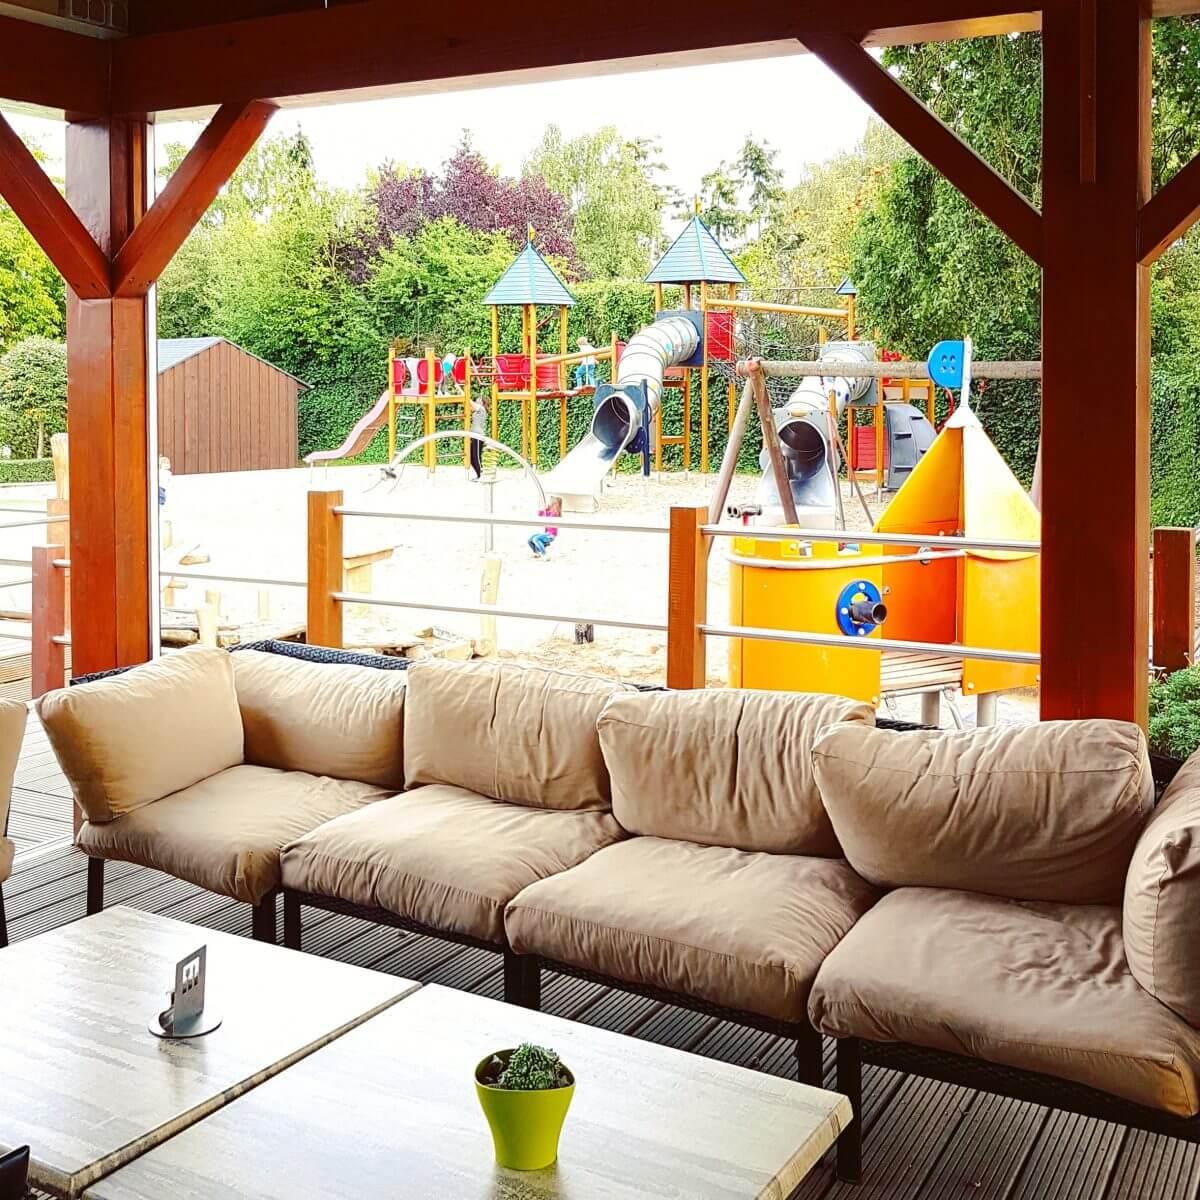 Landal Mont Royal: spelen, zwemmen en wijnproeven met een panoramisch uitzicht - terras restaurant Woods naast speeltuin